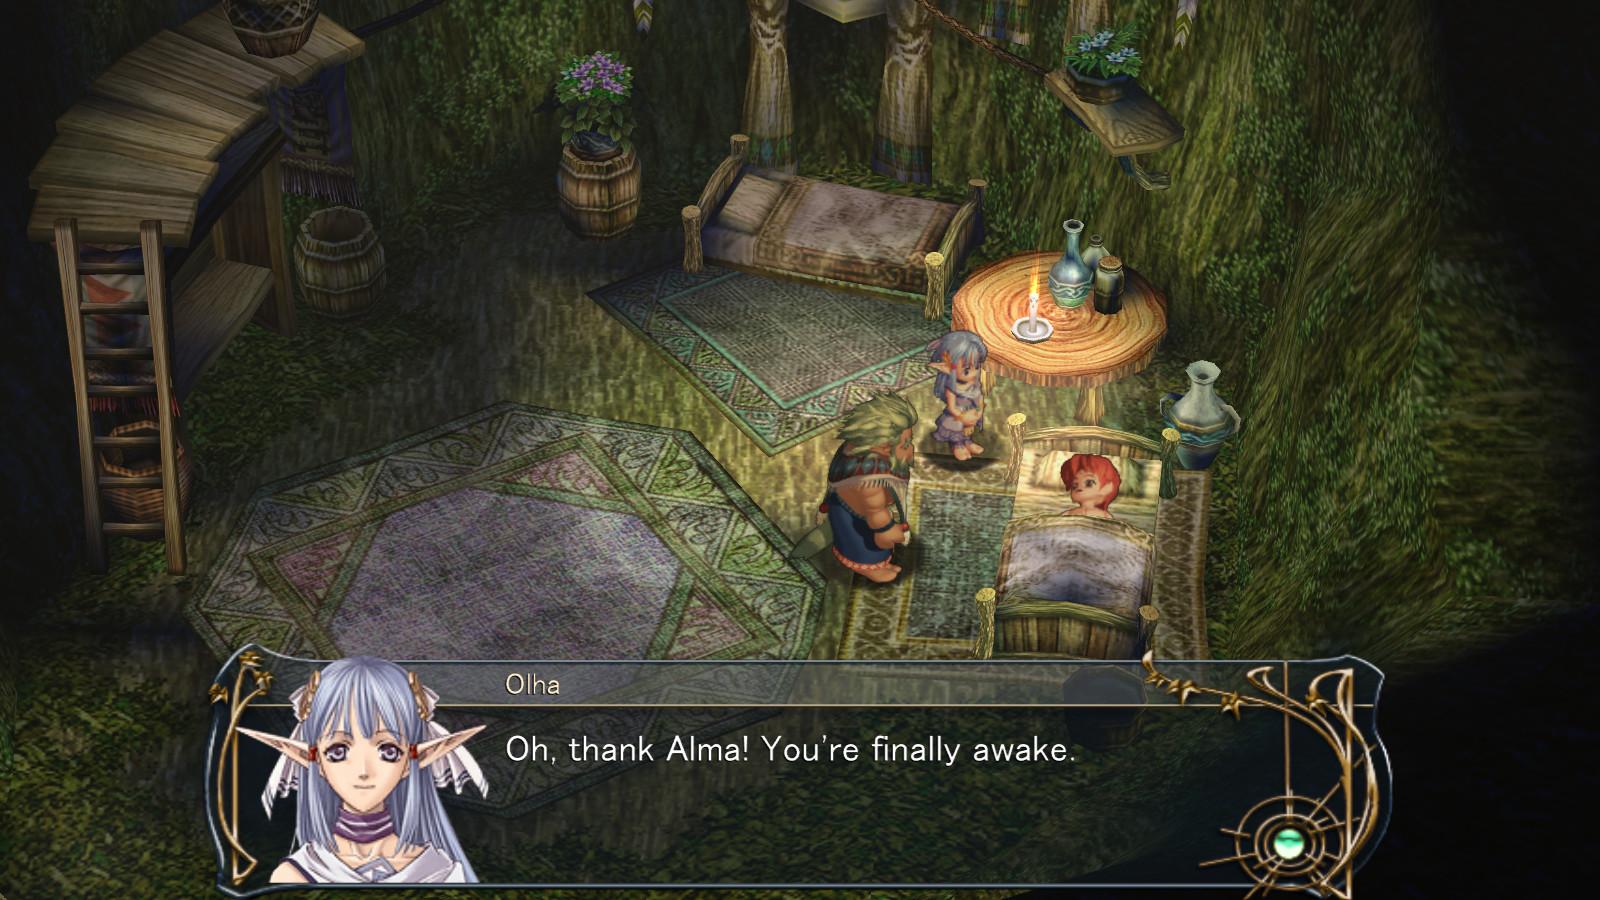 Ys VI: The Ark of Napishtim screenshot 1